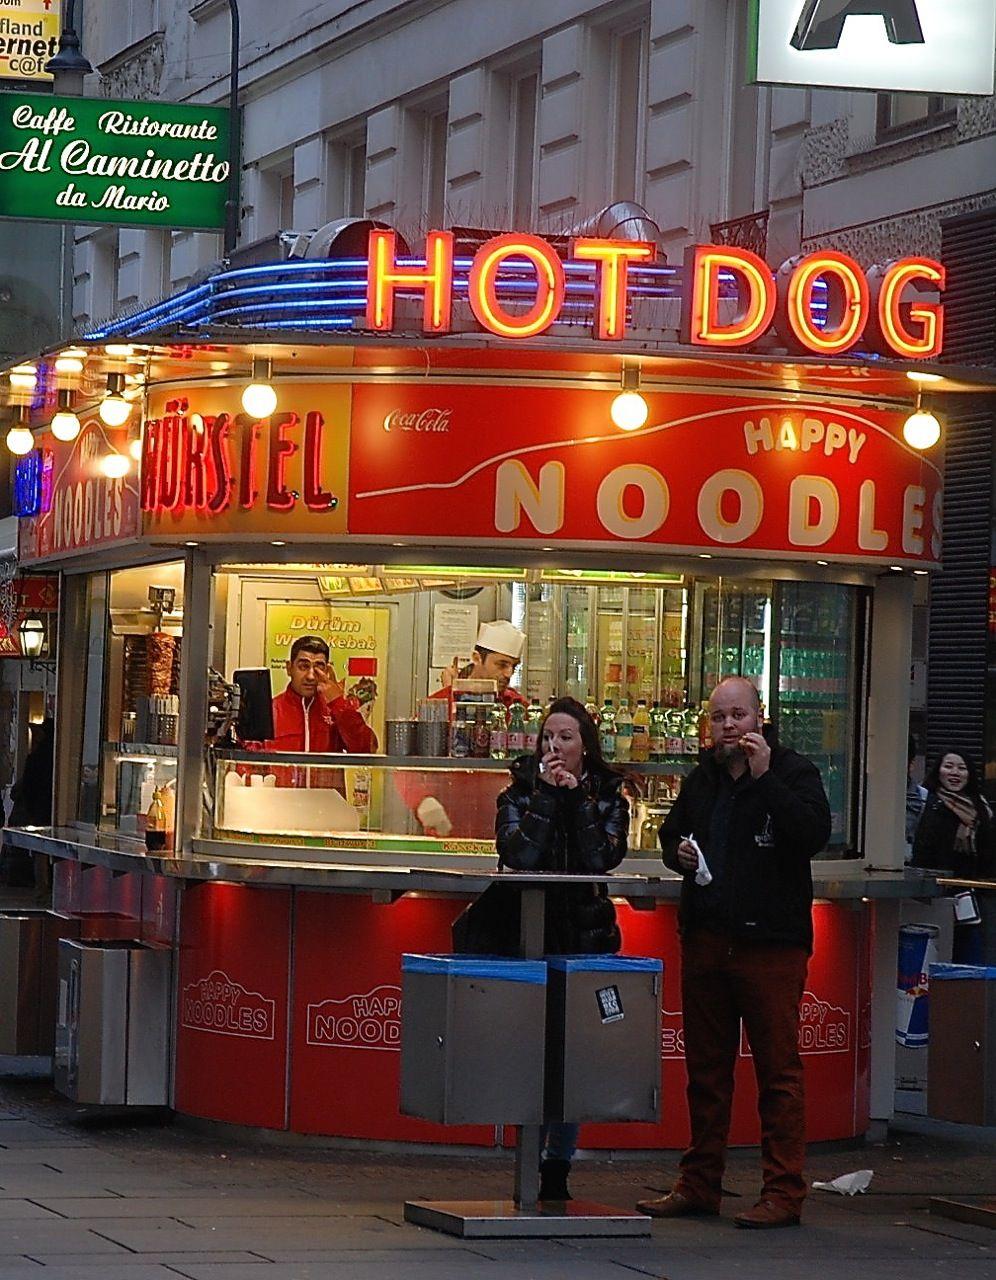 Hot dogs happy noodles an der Kärntnerstrasse